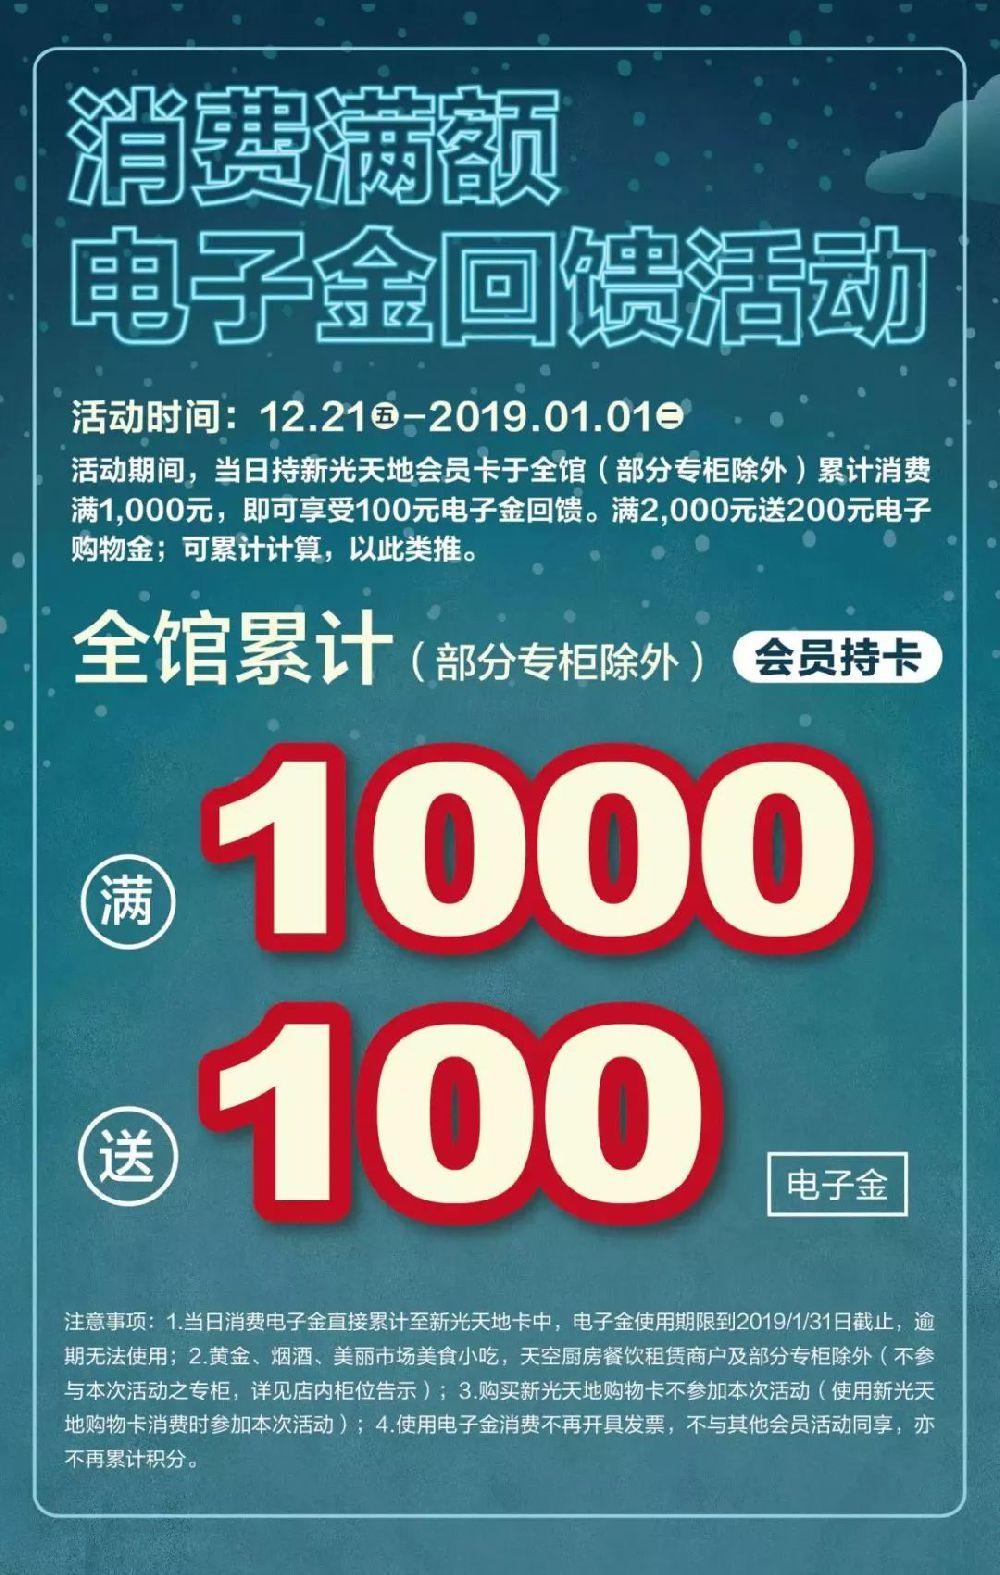 2019苏州新光天地元旦优惠活动信息